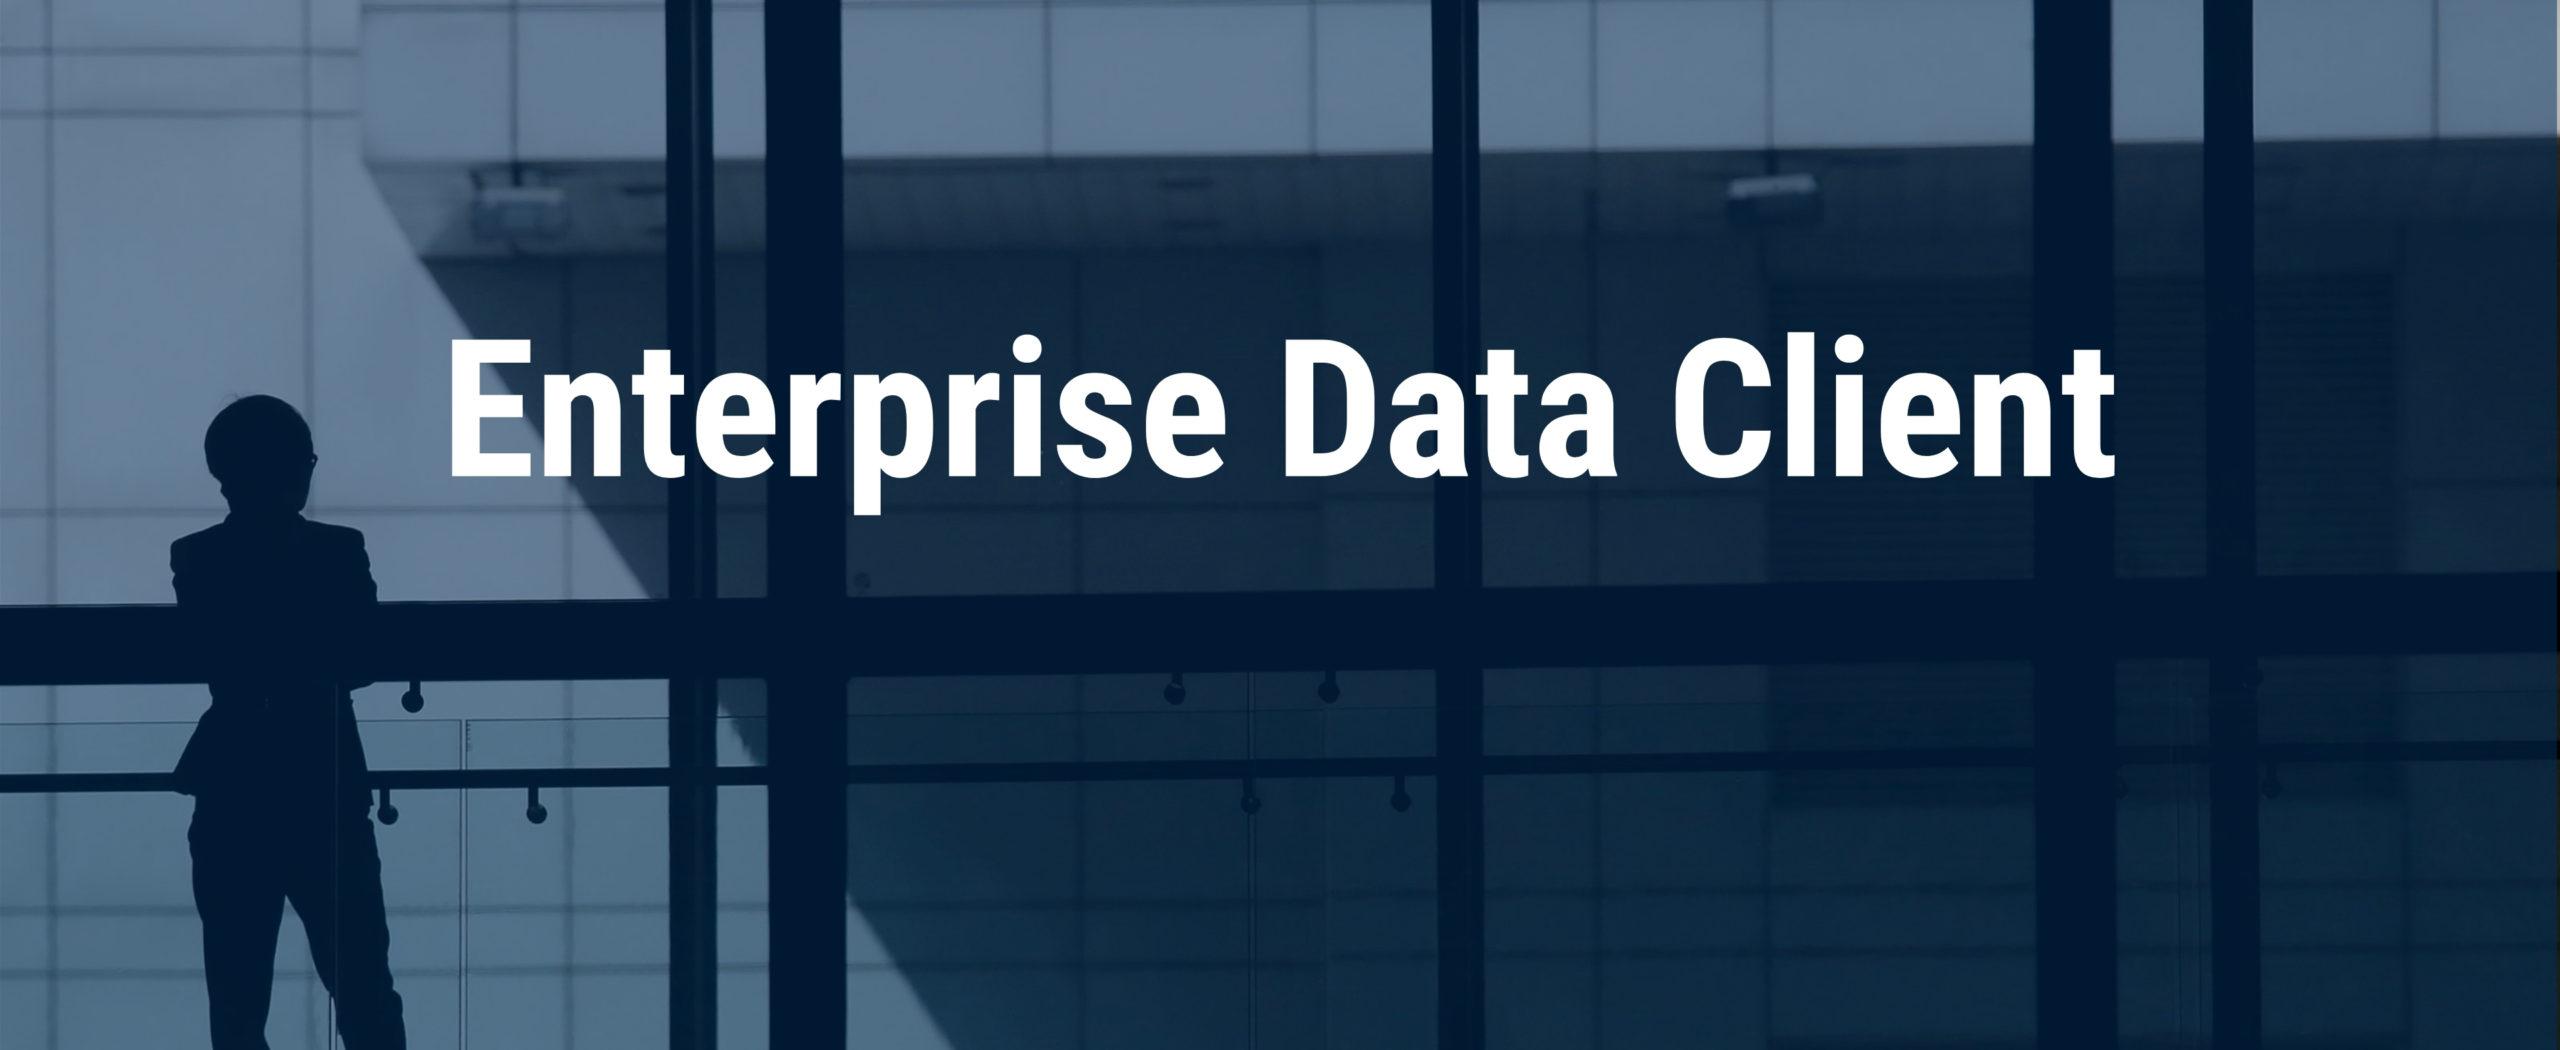 Enterprise Data Client